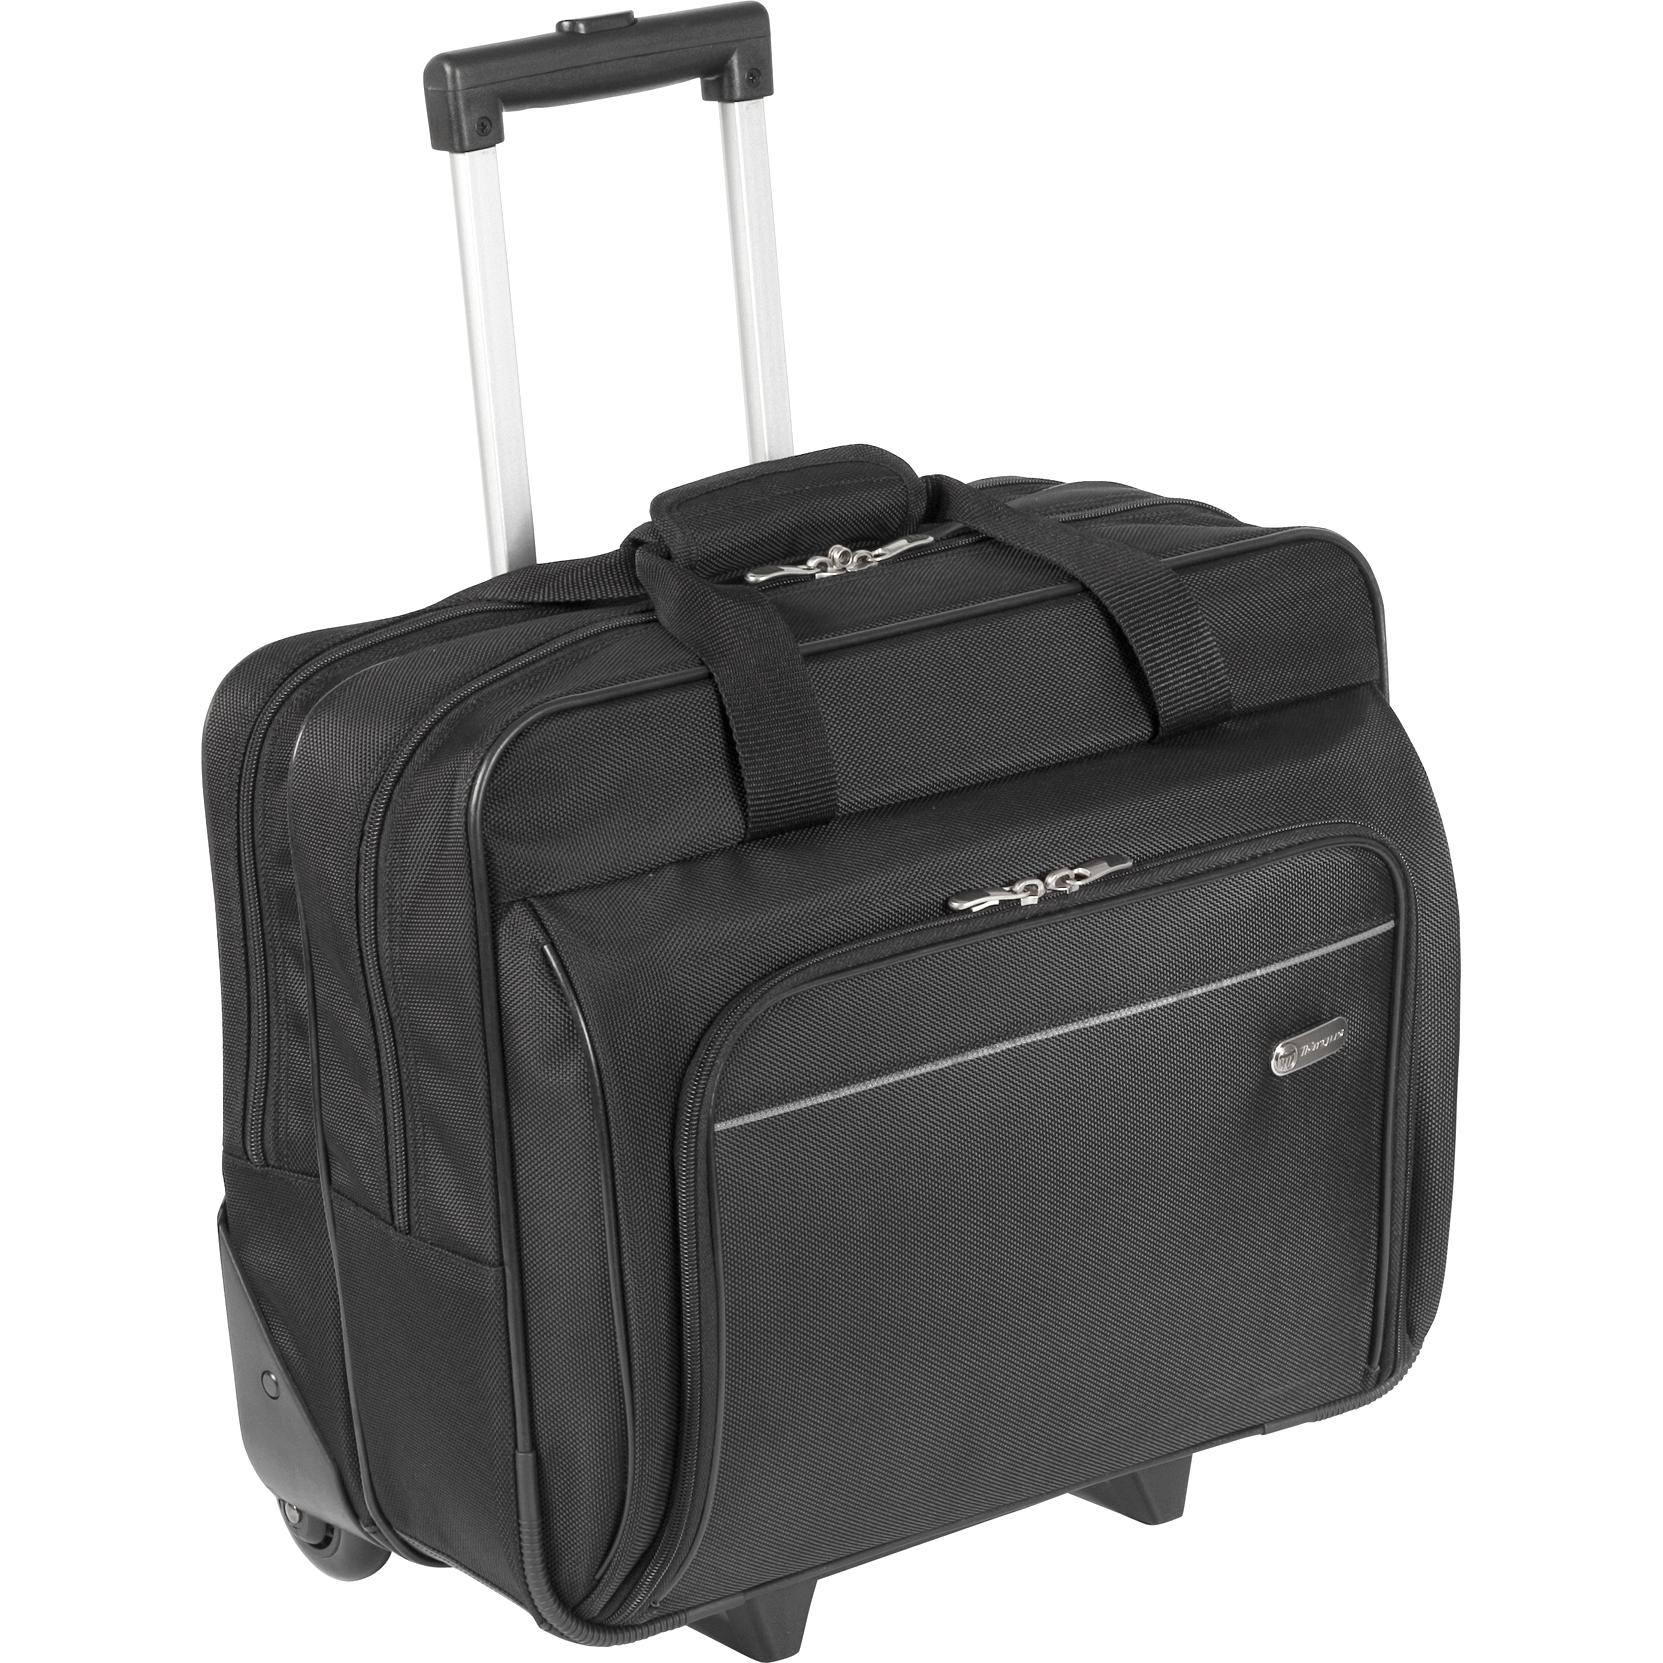 Targus Group International  Roller 16 Metro Laptop Case - Black